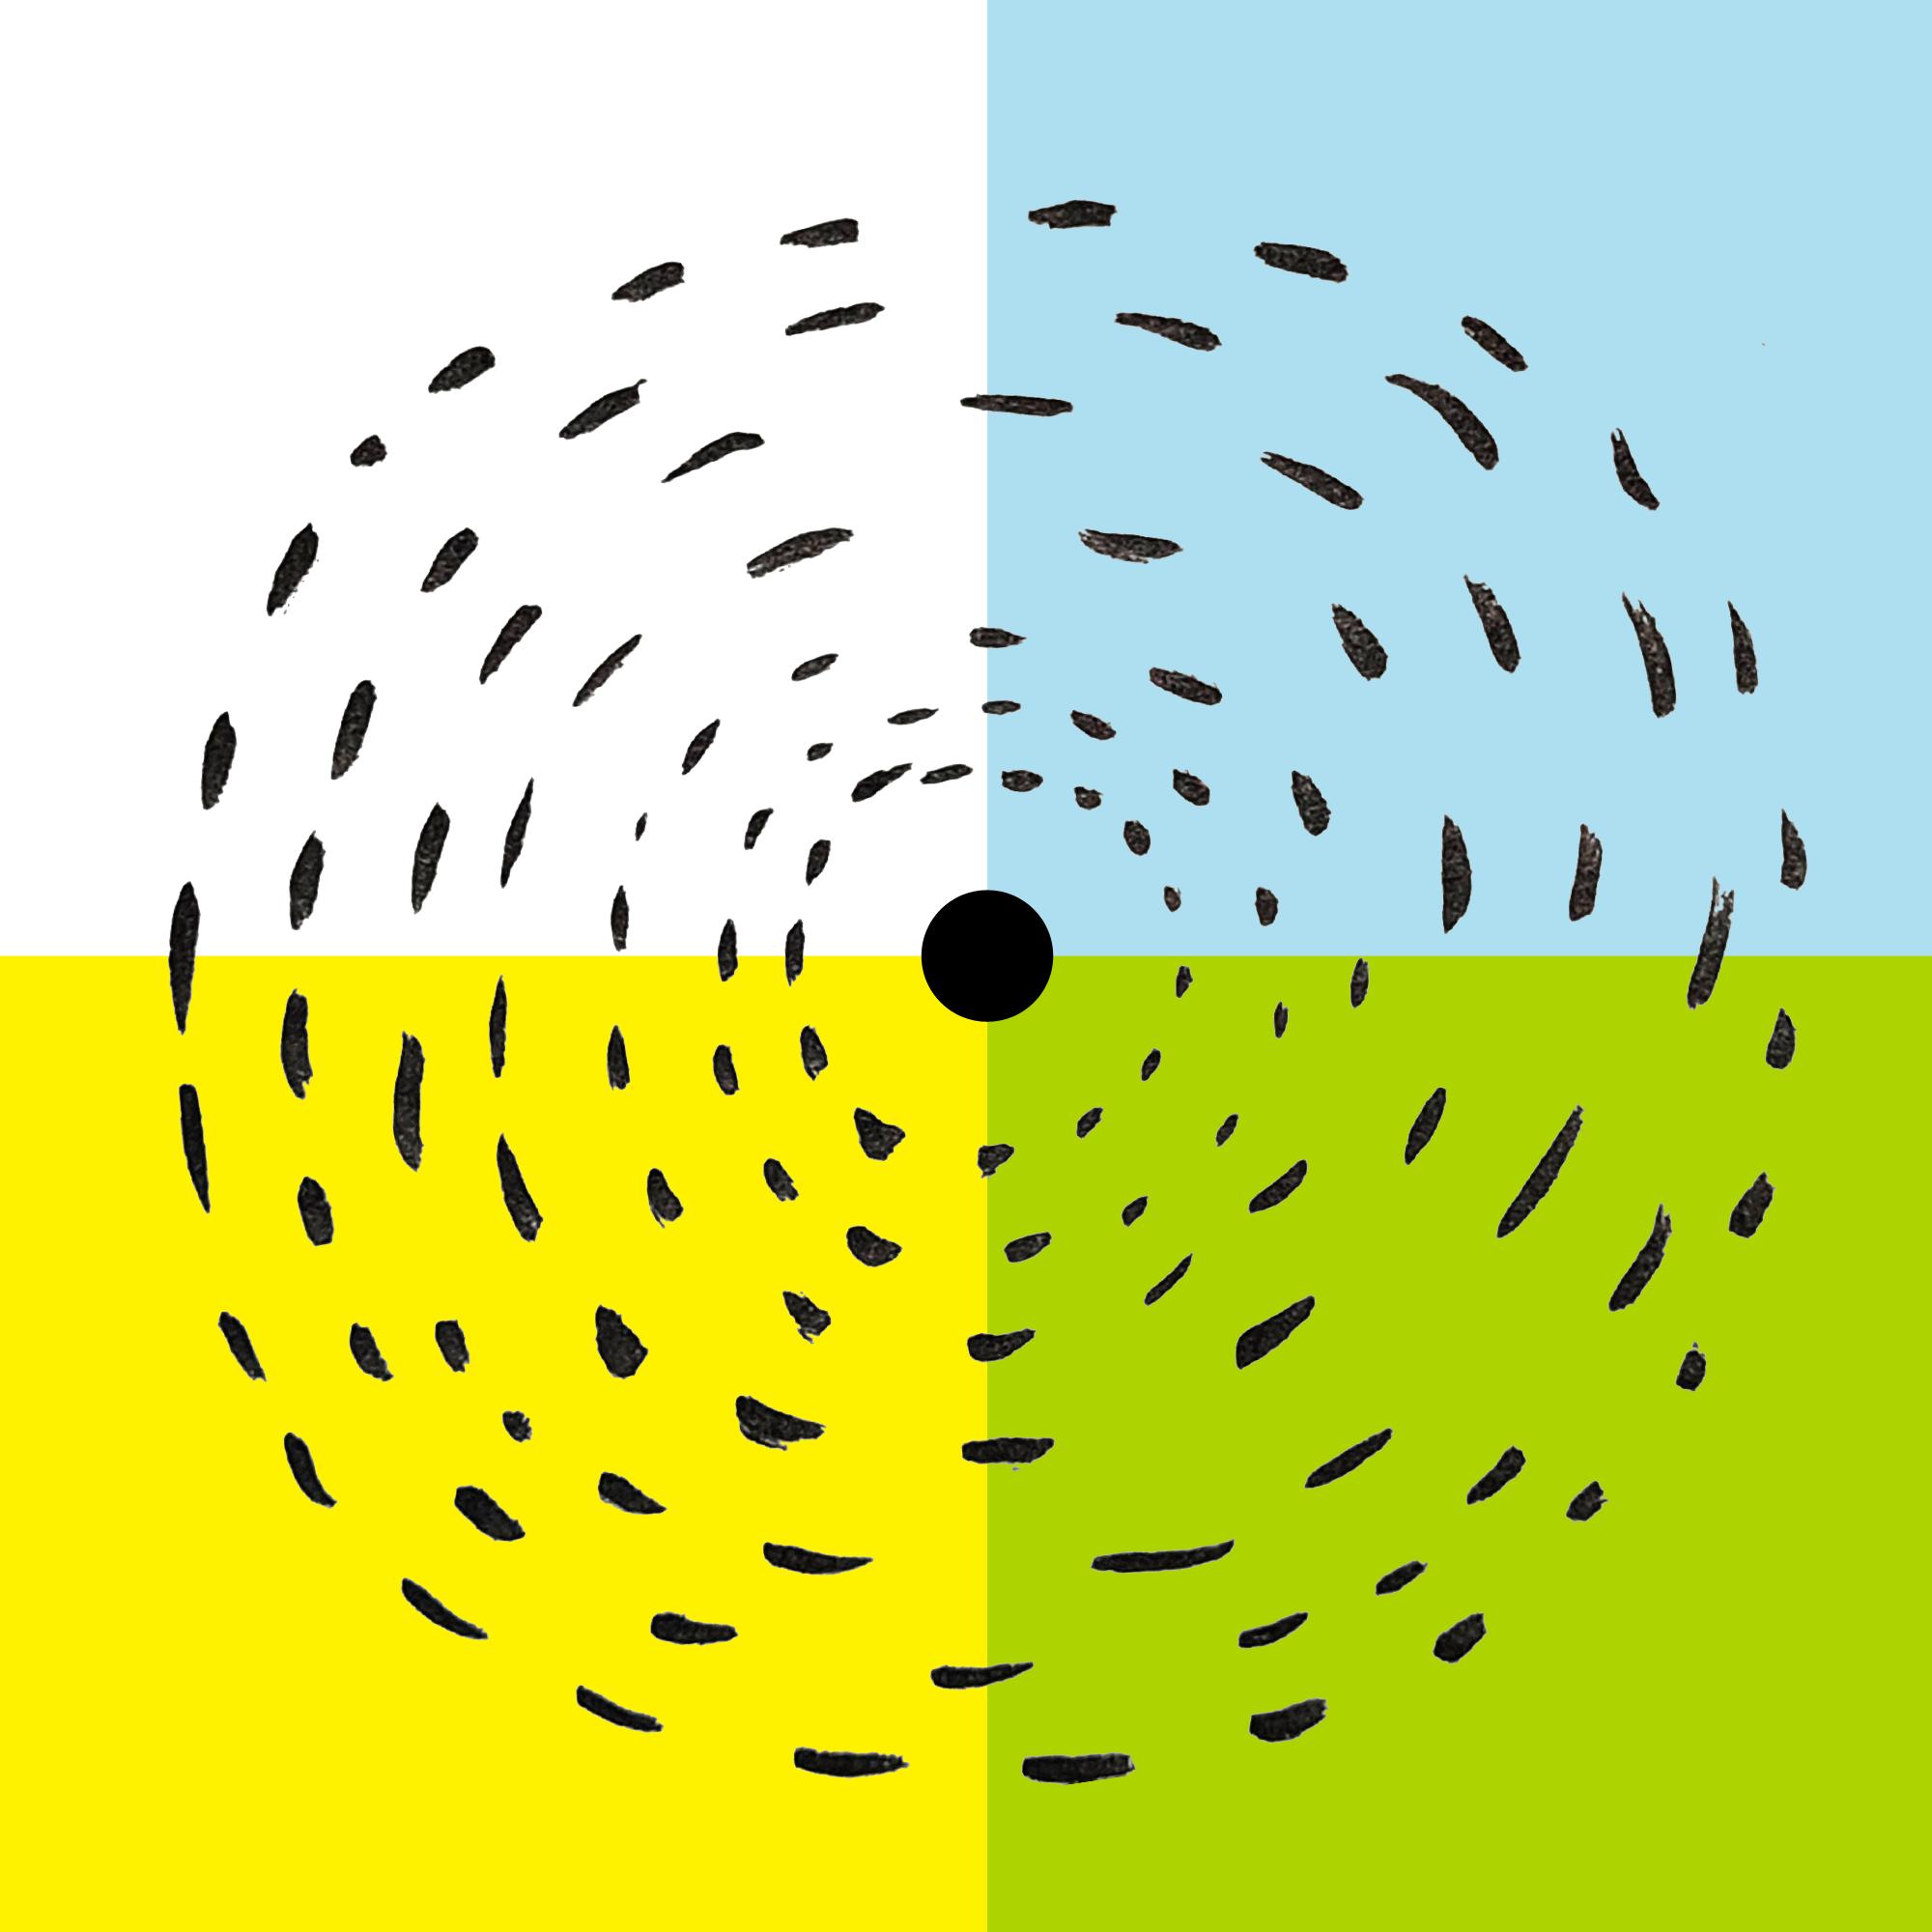 Barwna abstrakcyjna grafika w formacie kwadratu podzielona na cztery kwadraty w kolorach białym, błękitnym, żółtym i zielonym. Po środku, na złączeniu kwadratów znajduje się duża czarna kropka, a wokół niej rozchodzą się czarne plamy, tworzące koncentryczne kręgi.